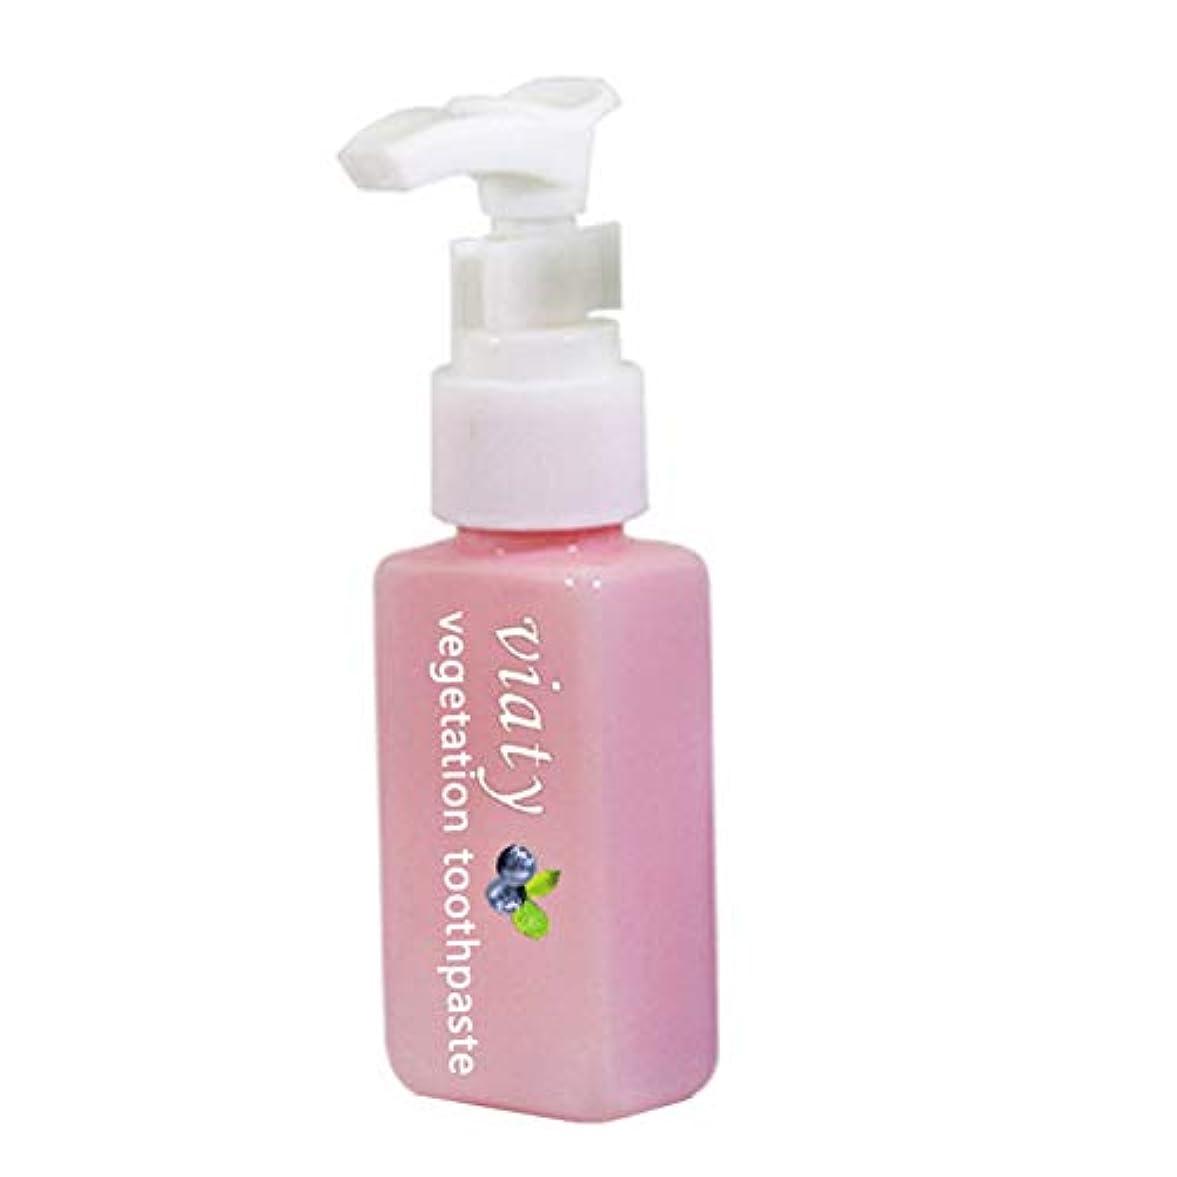 韓国泣くチェスCoolTack 歯磨き粉アンチブリードガムプレスタイプ新鮮な歯磨き粉を白くする汚れ除去剤